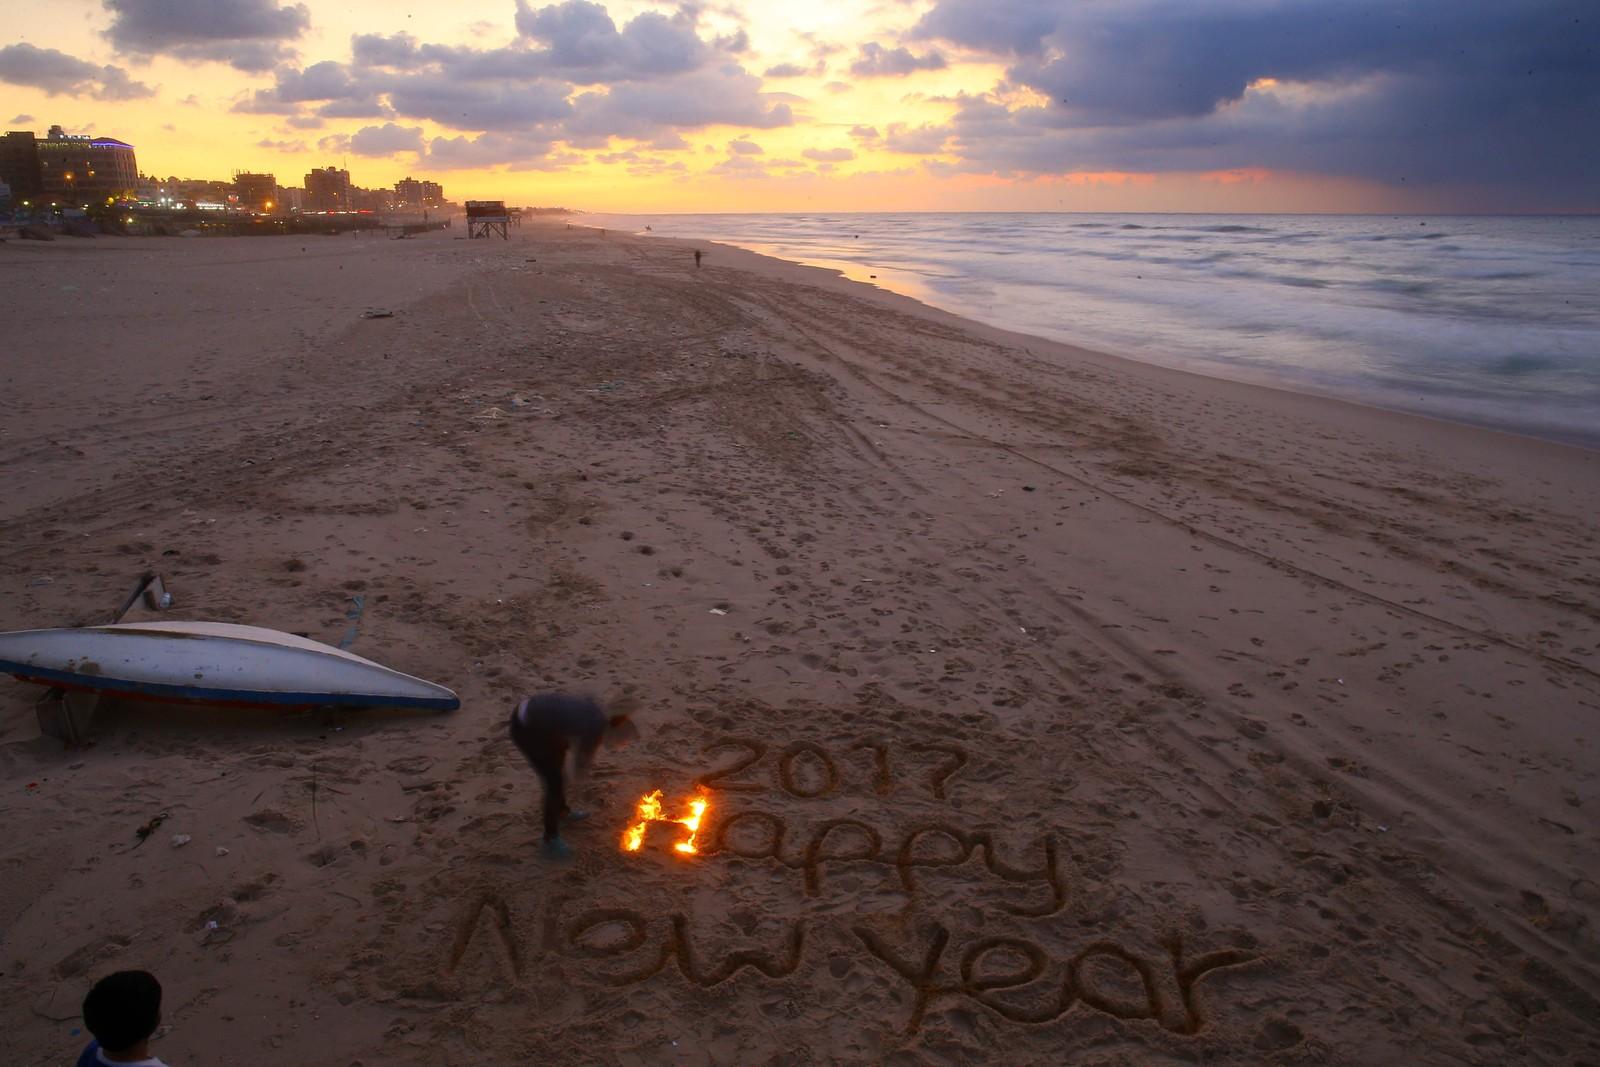 GAZA: Den palestinske kunstneren Osama Sbeata (26) tenner lys i sanden og ønsker Godt nytt år på stranden utenfor Gaza City på Gasastripen.